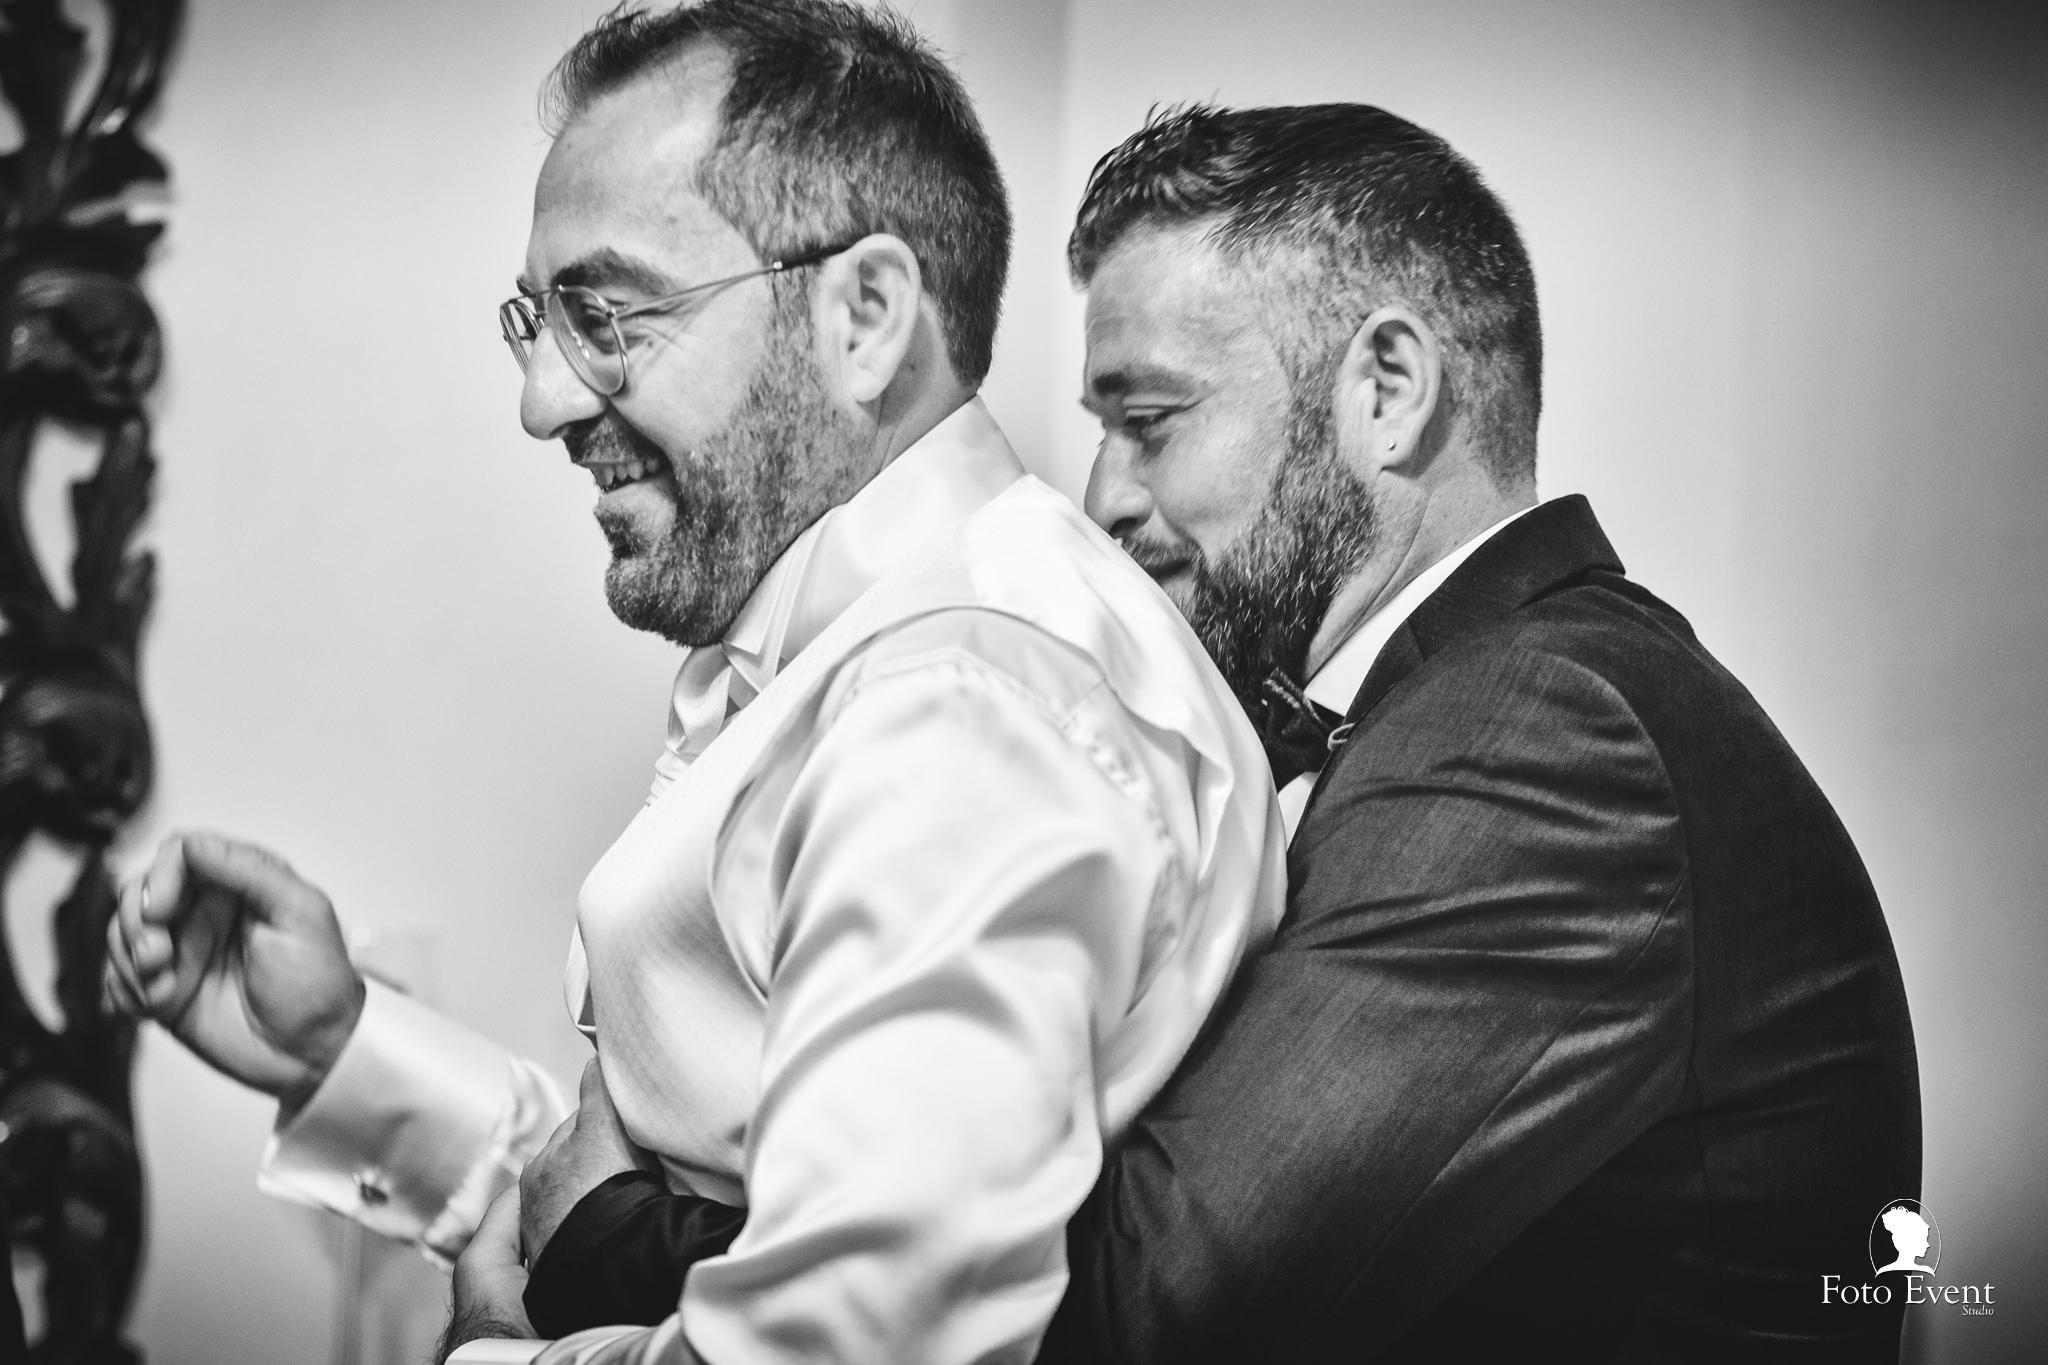 005-2020-10-15-Matrimonio-Noemi-e-Salvatore-Paterno-zoom-090-Edit-Edit